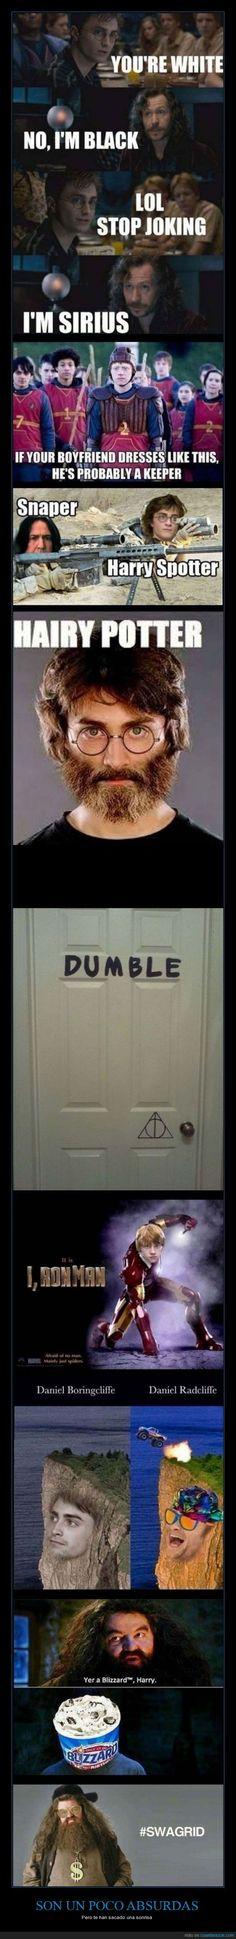 Si entiendes inglés y te gusta Harry Potter, esto es para ti - Pero te han sacado una sonrisa